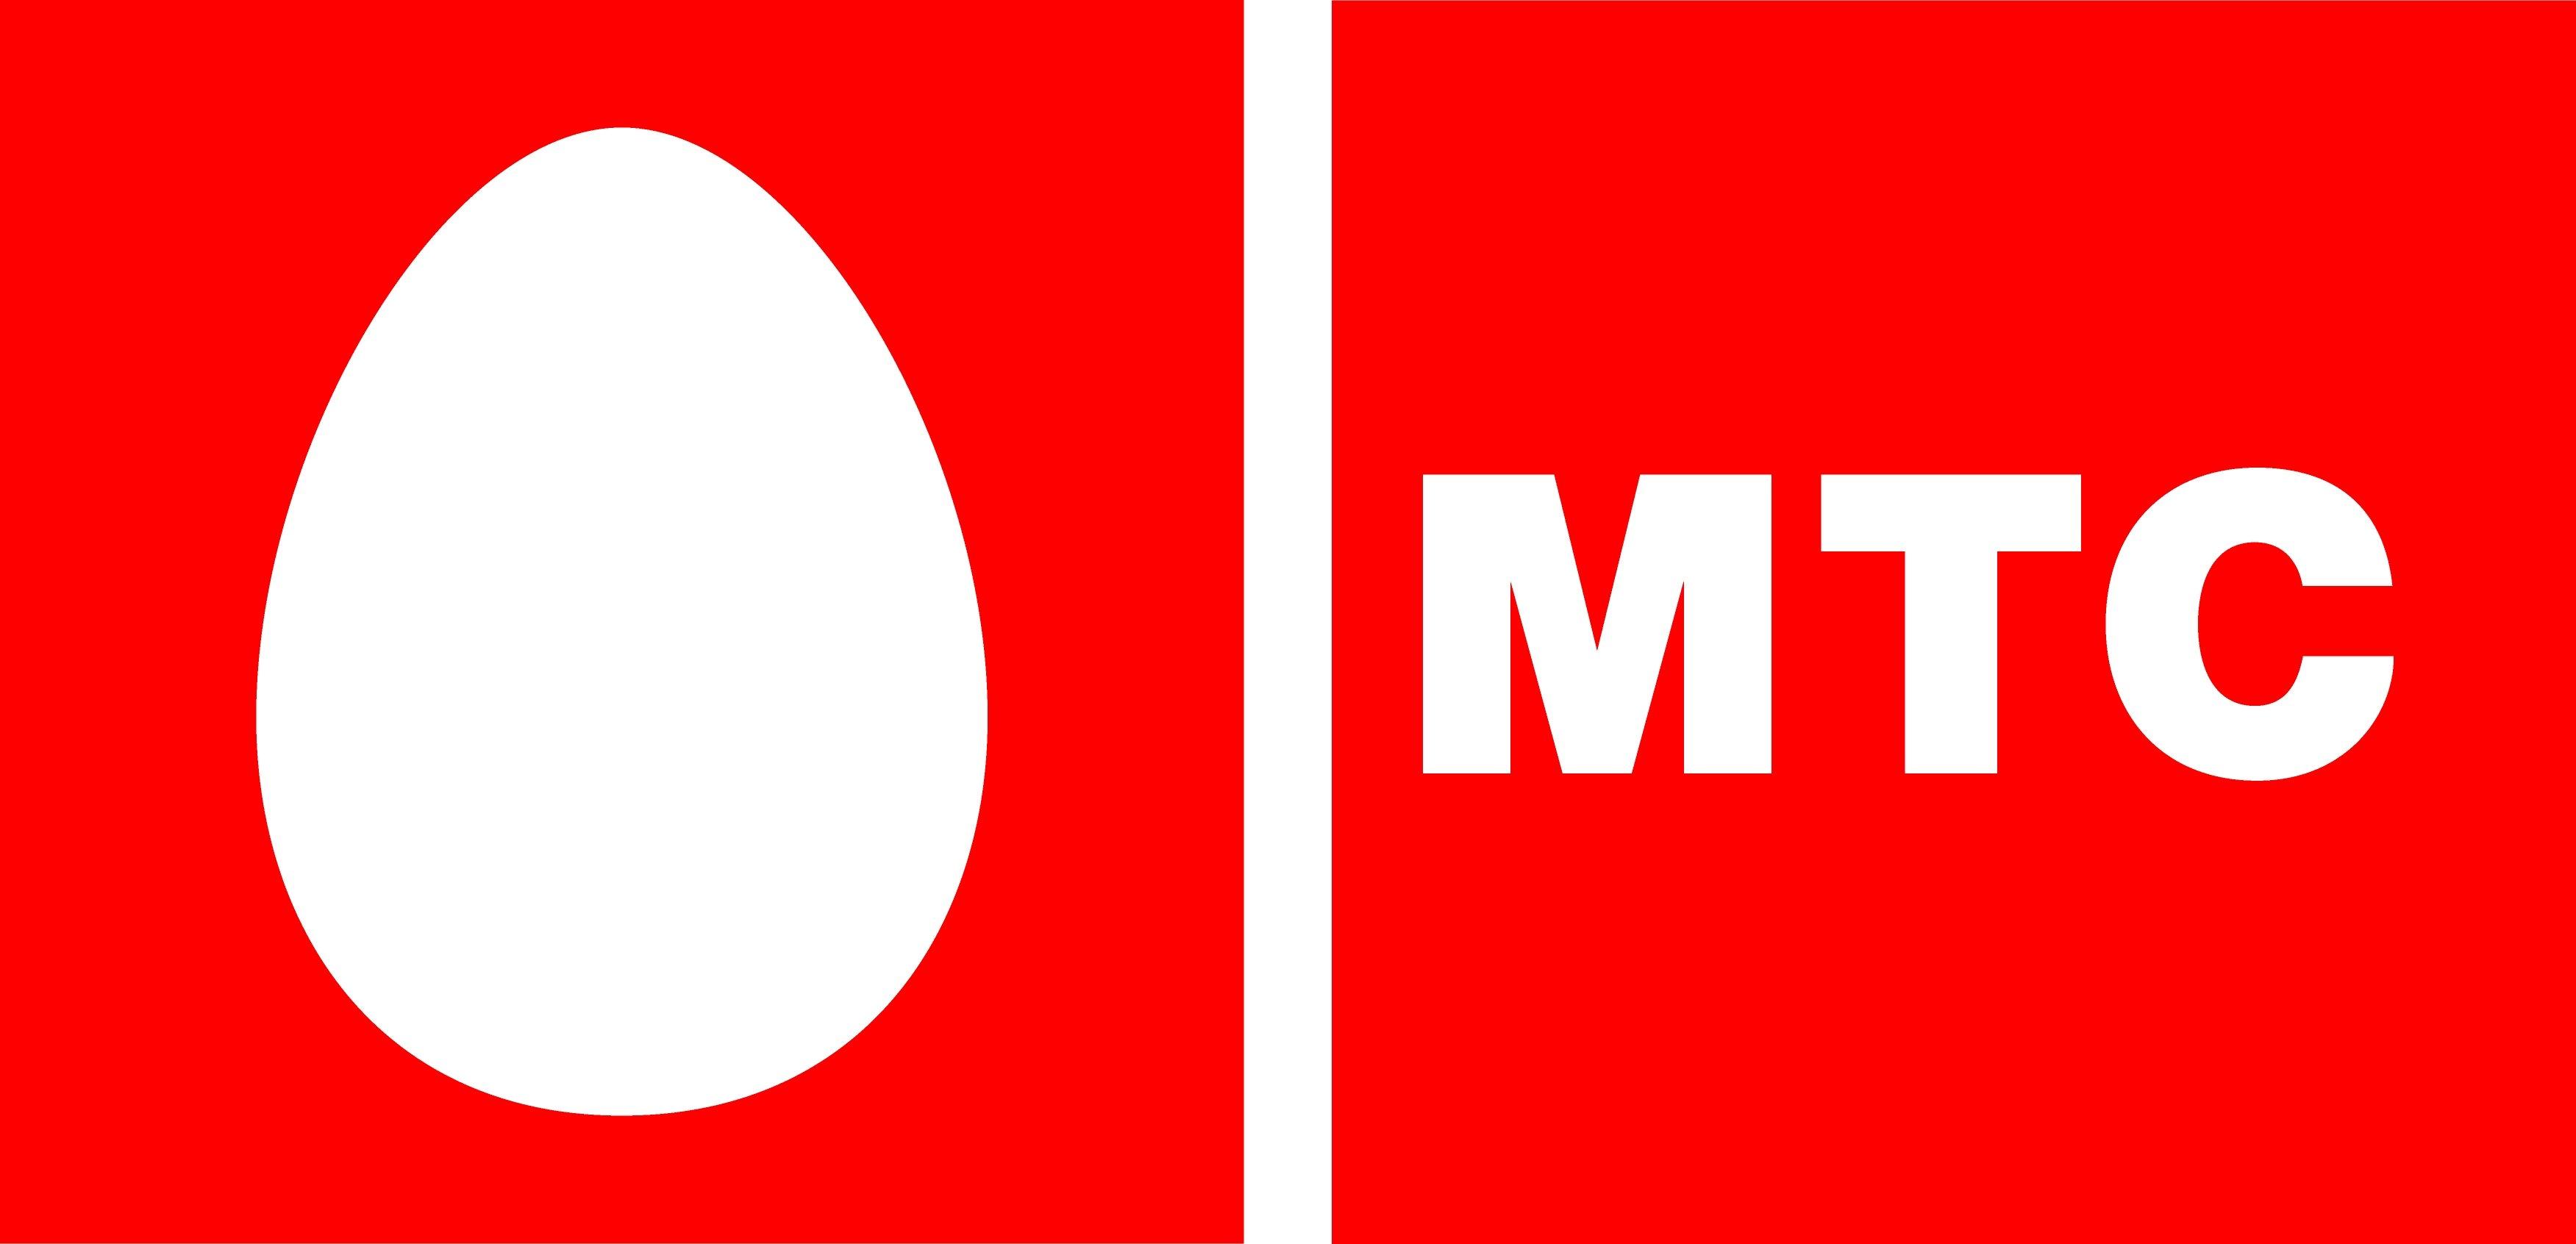 Абоненты МТС Москве остались без сети. - Изображение 1